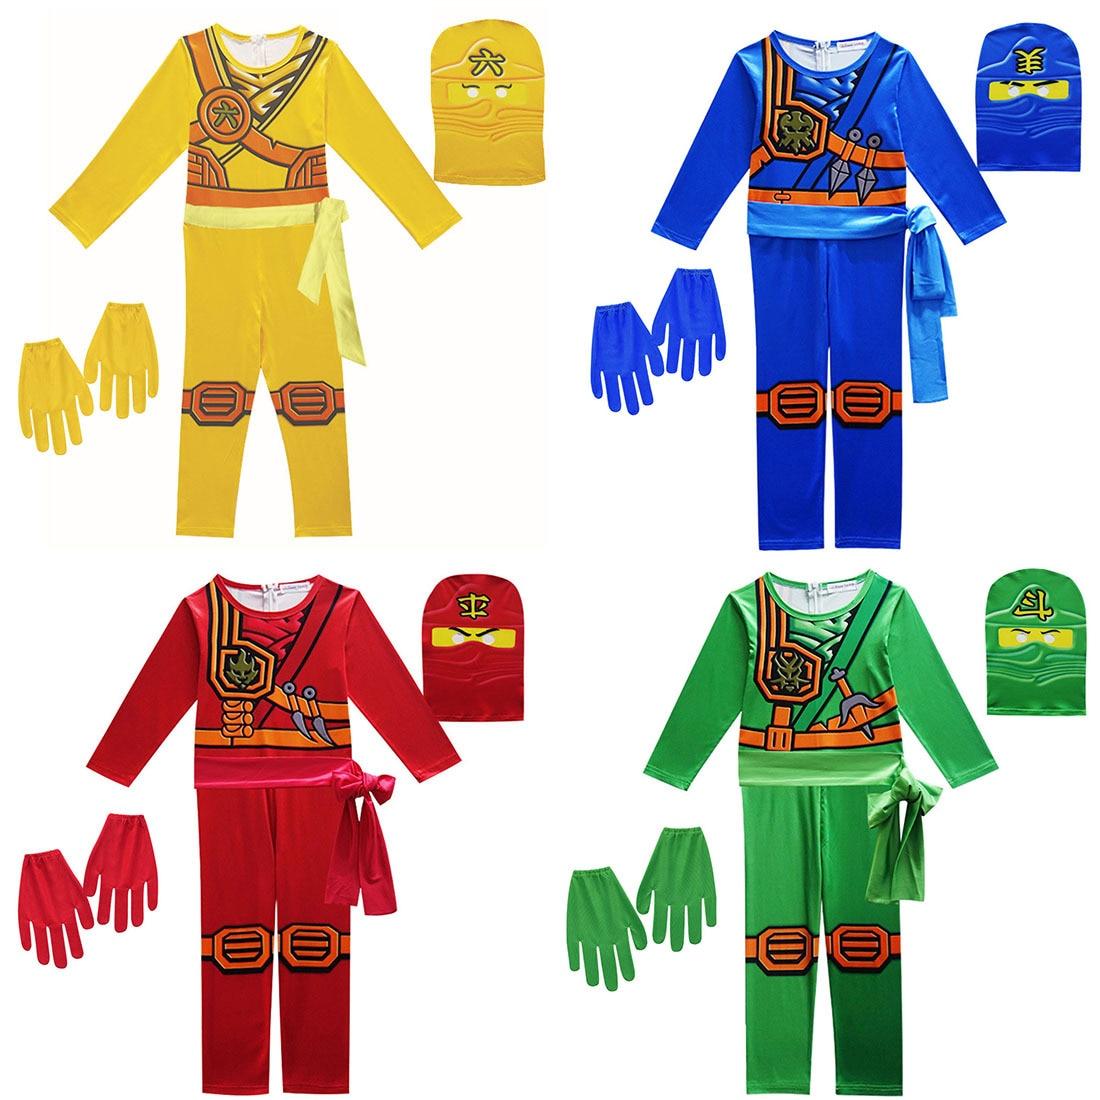 Disfraz para niños, fiesta de disfraces, superhéroe Ninja Ninjago, disfraz para niños, conjuntos de ropa de Cosplay, máscara para disfraz de Halloween para niños